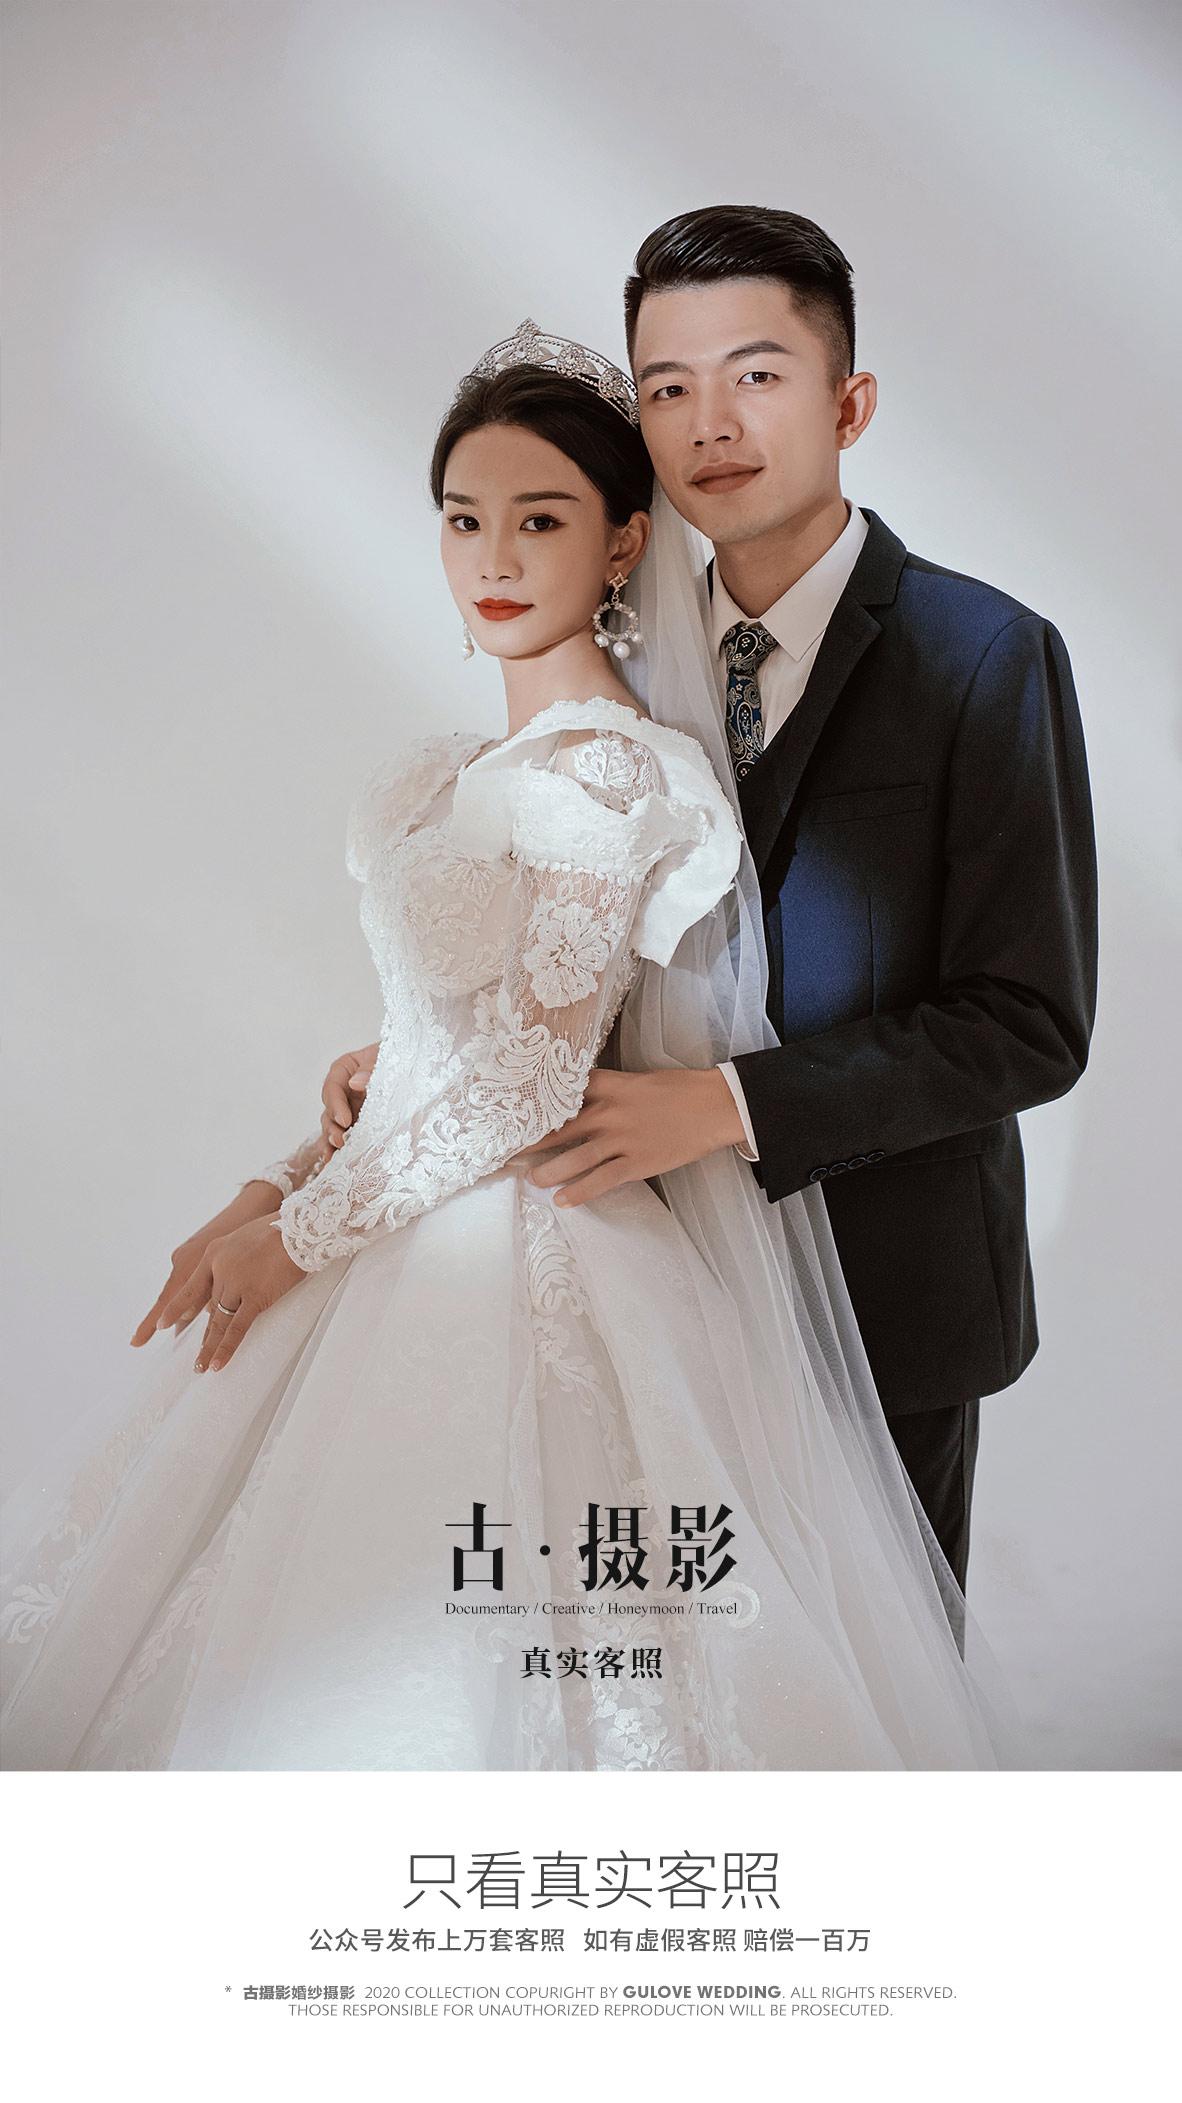 01月客照第二季 - 月度客照 - 古摄影婚纱艺术-古摄影成都婚纱摄影艺术摄影网